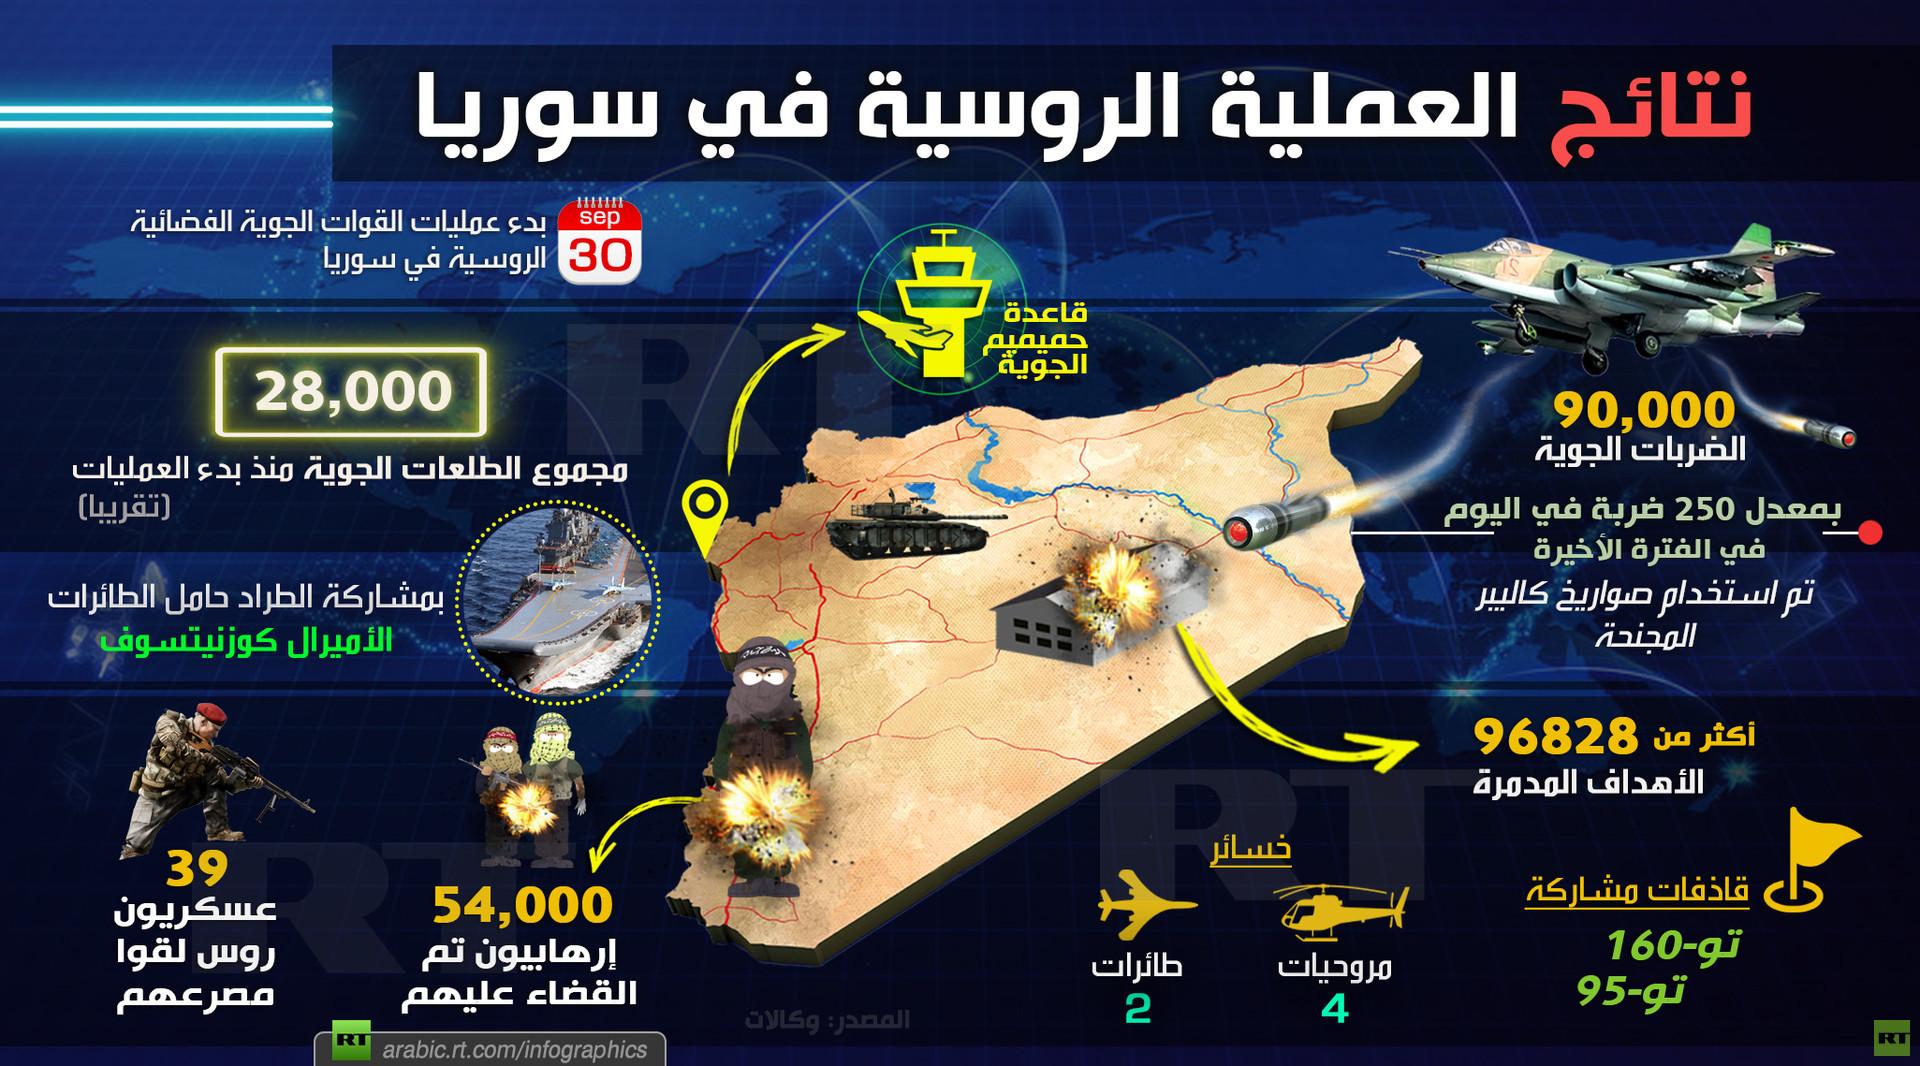 القوات الروسية تغادر.. حصيلة عملية عسكرية استغرقت عامين ونيف في سوريا